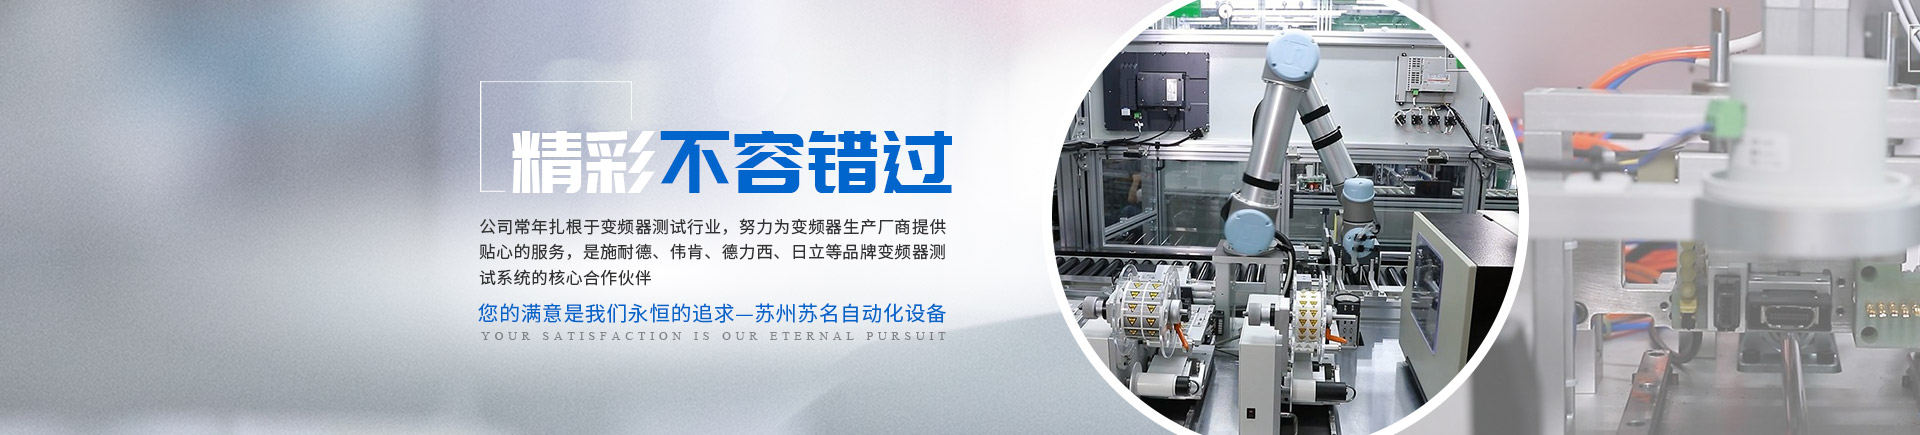 苏州苏名自动化设备有限公司